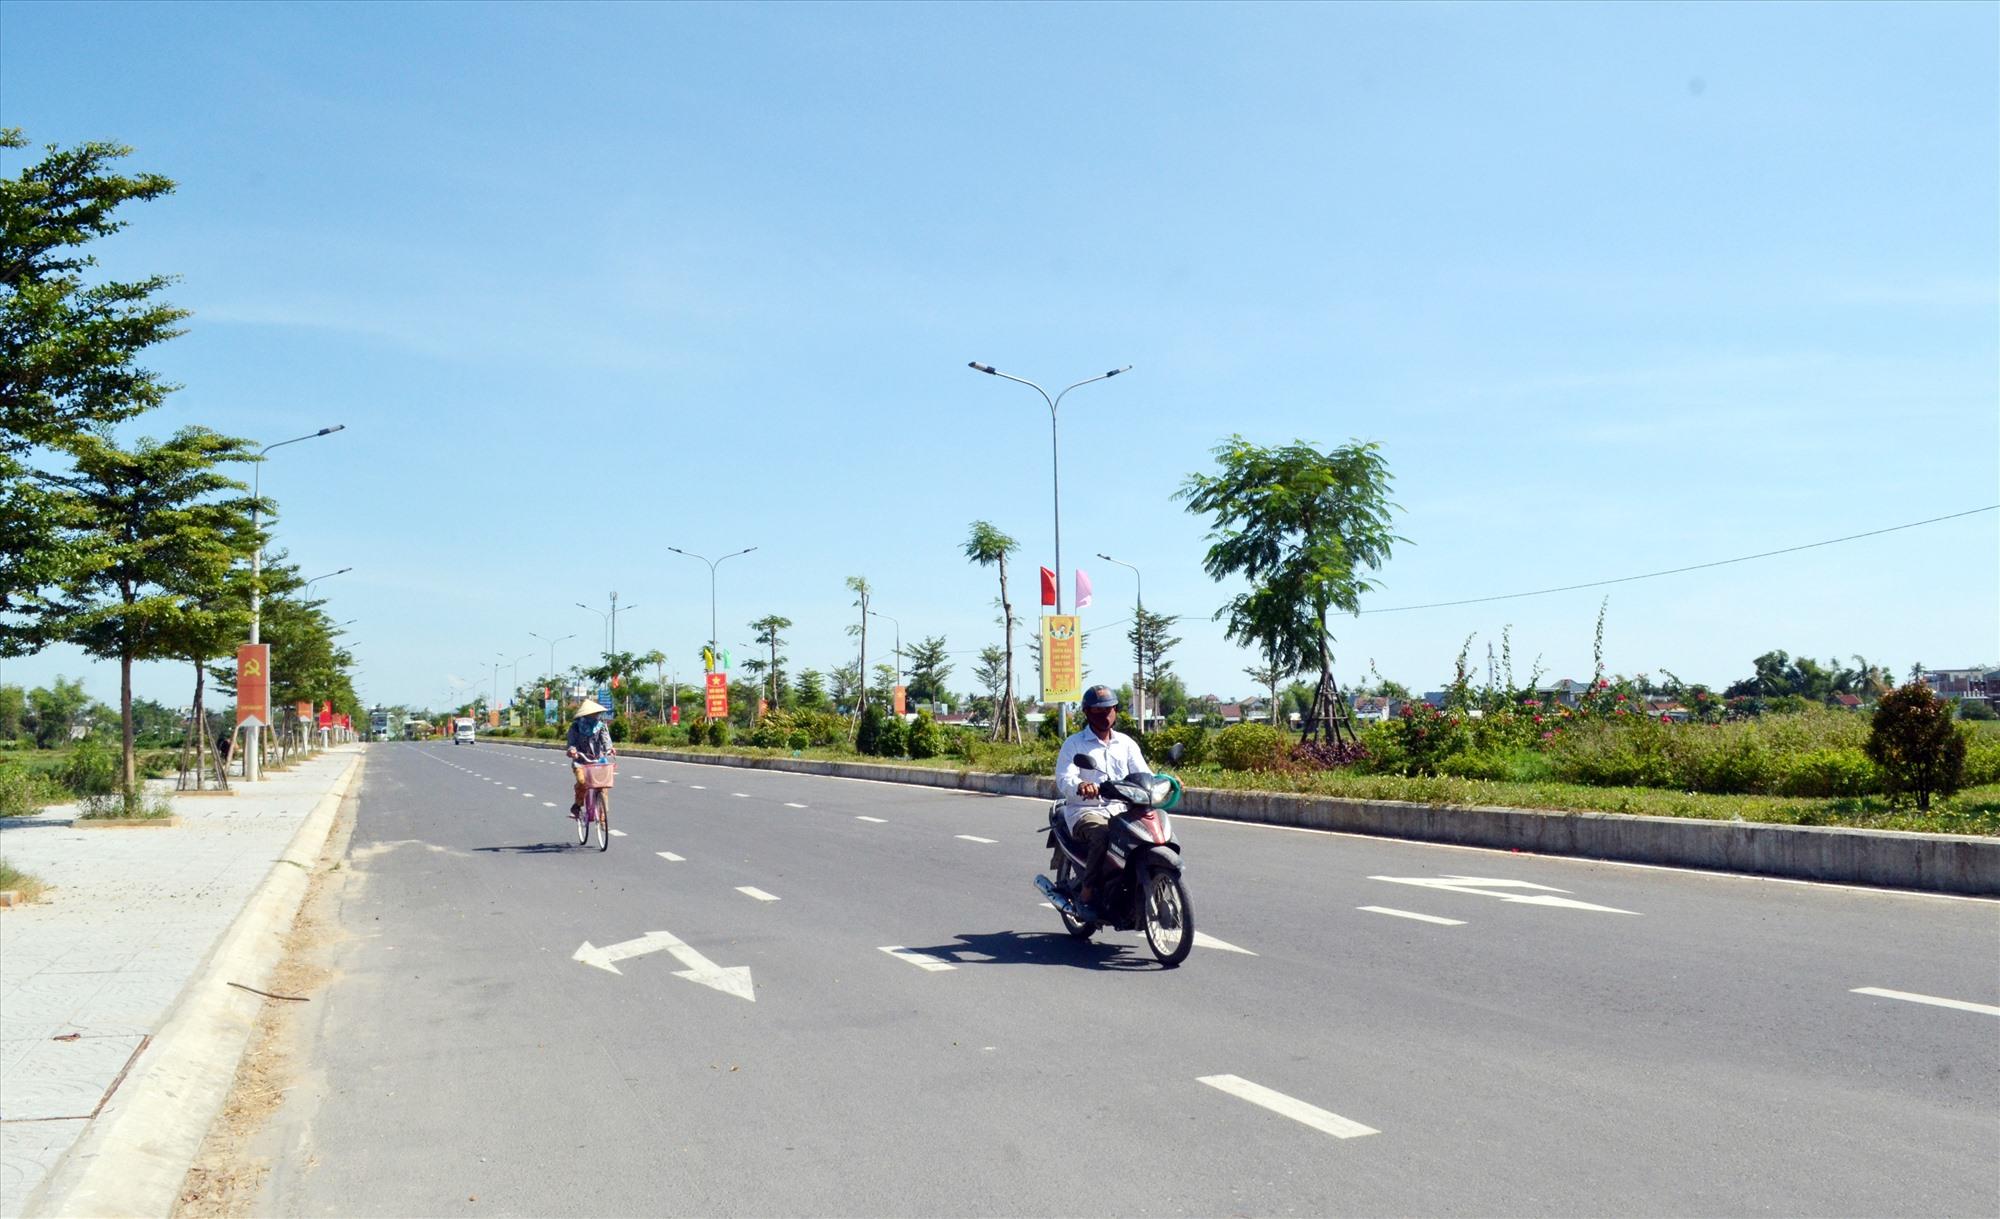 Nhờ thực hiện tốt công tác dân vận, người dân sớm bàn giao mặt bằng nên dự án đường nội thị Hà Lam (Thăng Bình) được triển khai thuận lợi. Ảnh: VIỆT NGUYỄN